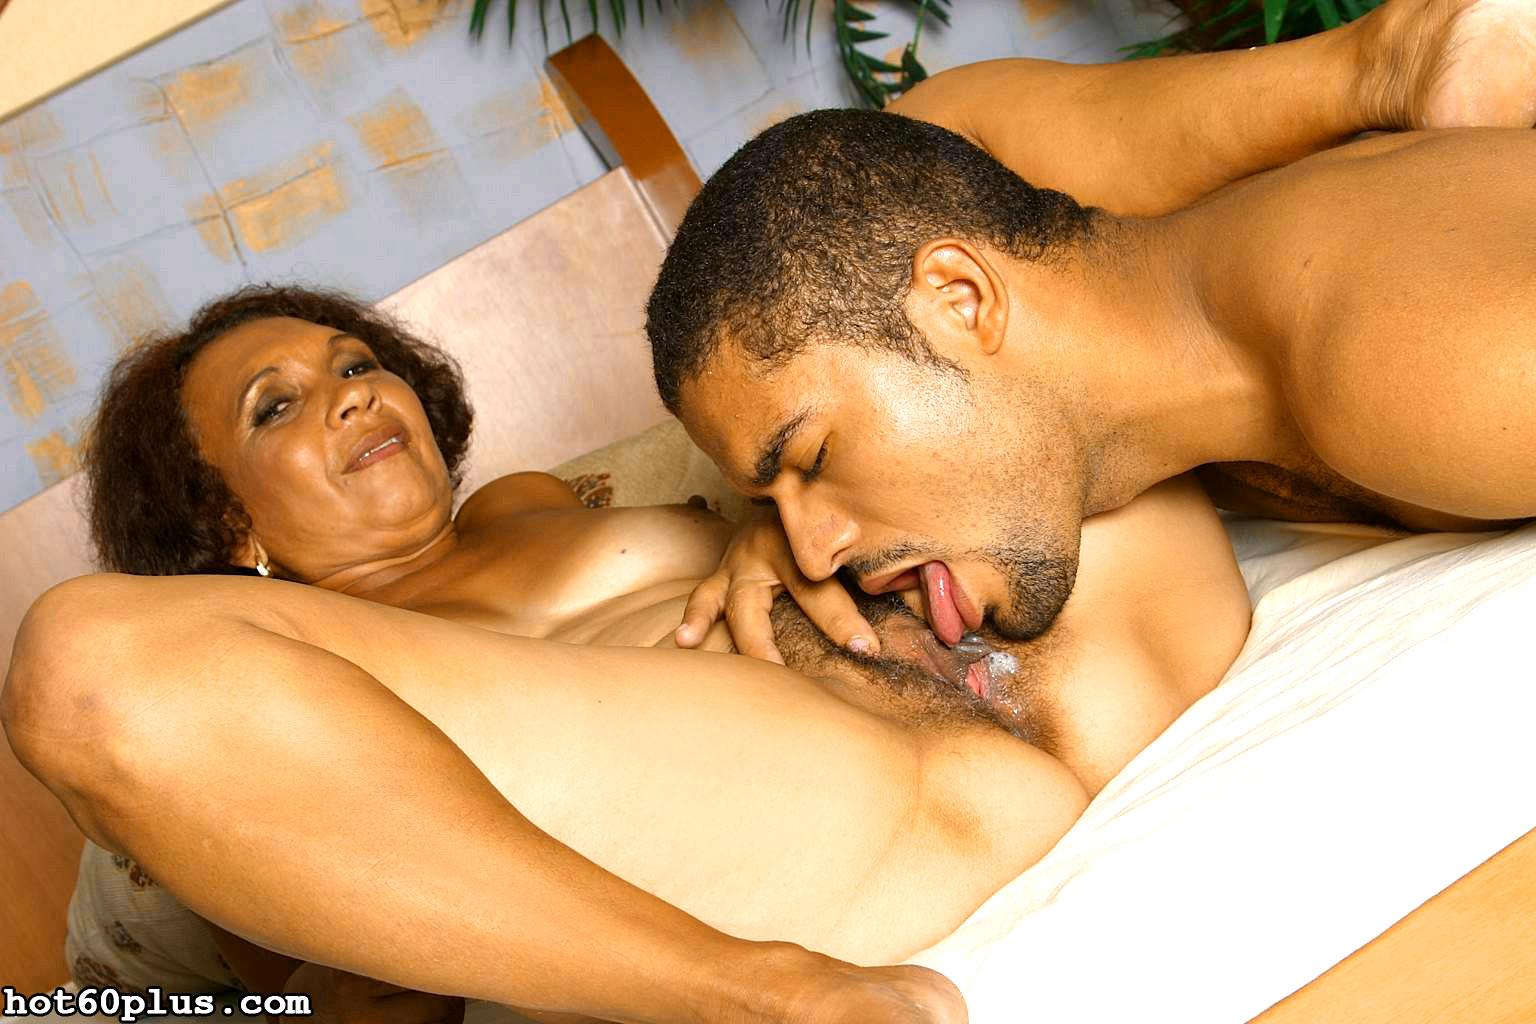 Пожилые латинос секс, две блондинки и паренек жесткое порно